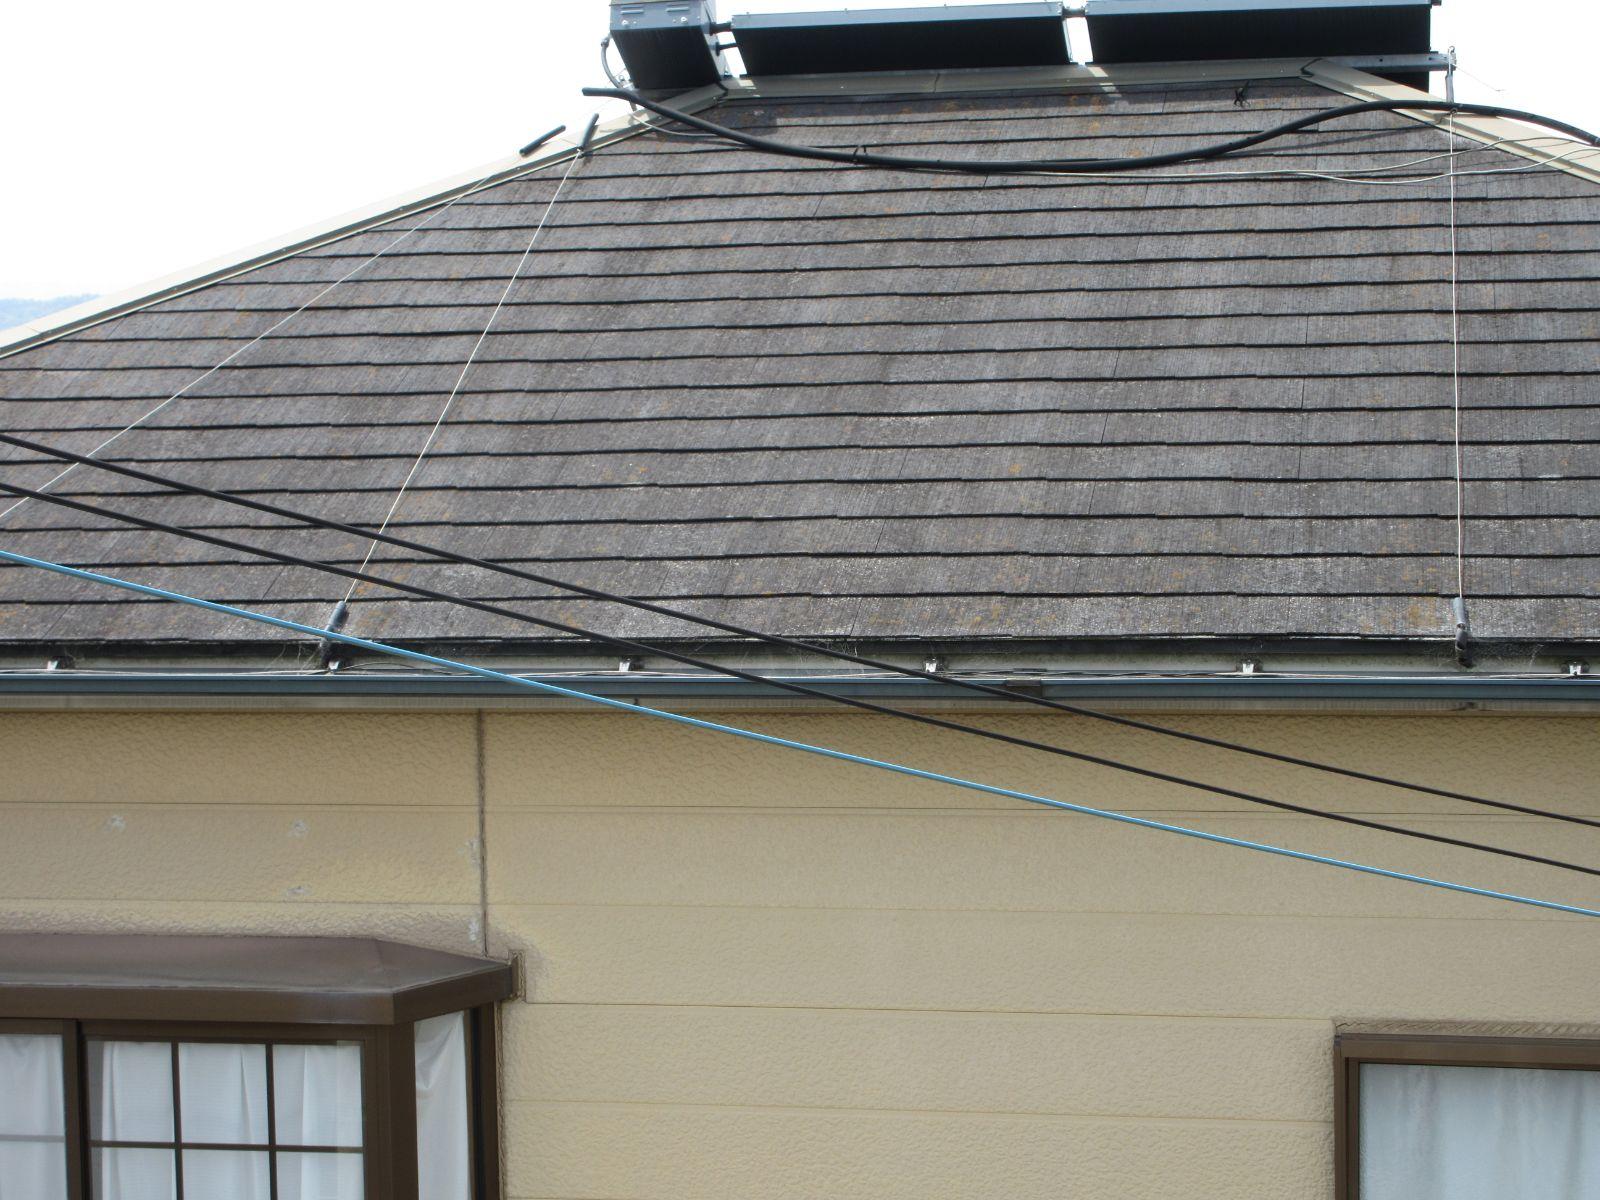 【和歌山市】T様邸<br>『ライトグレーの外壁と黒の屋根でエレガントな仕上がりに♪』3